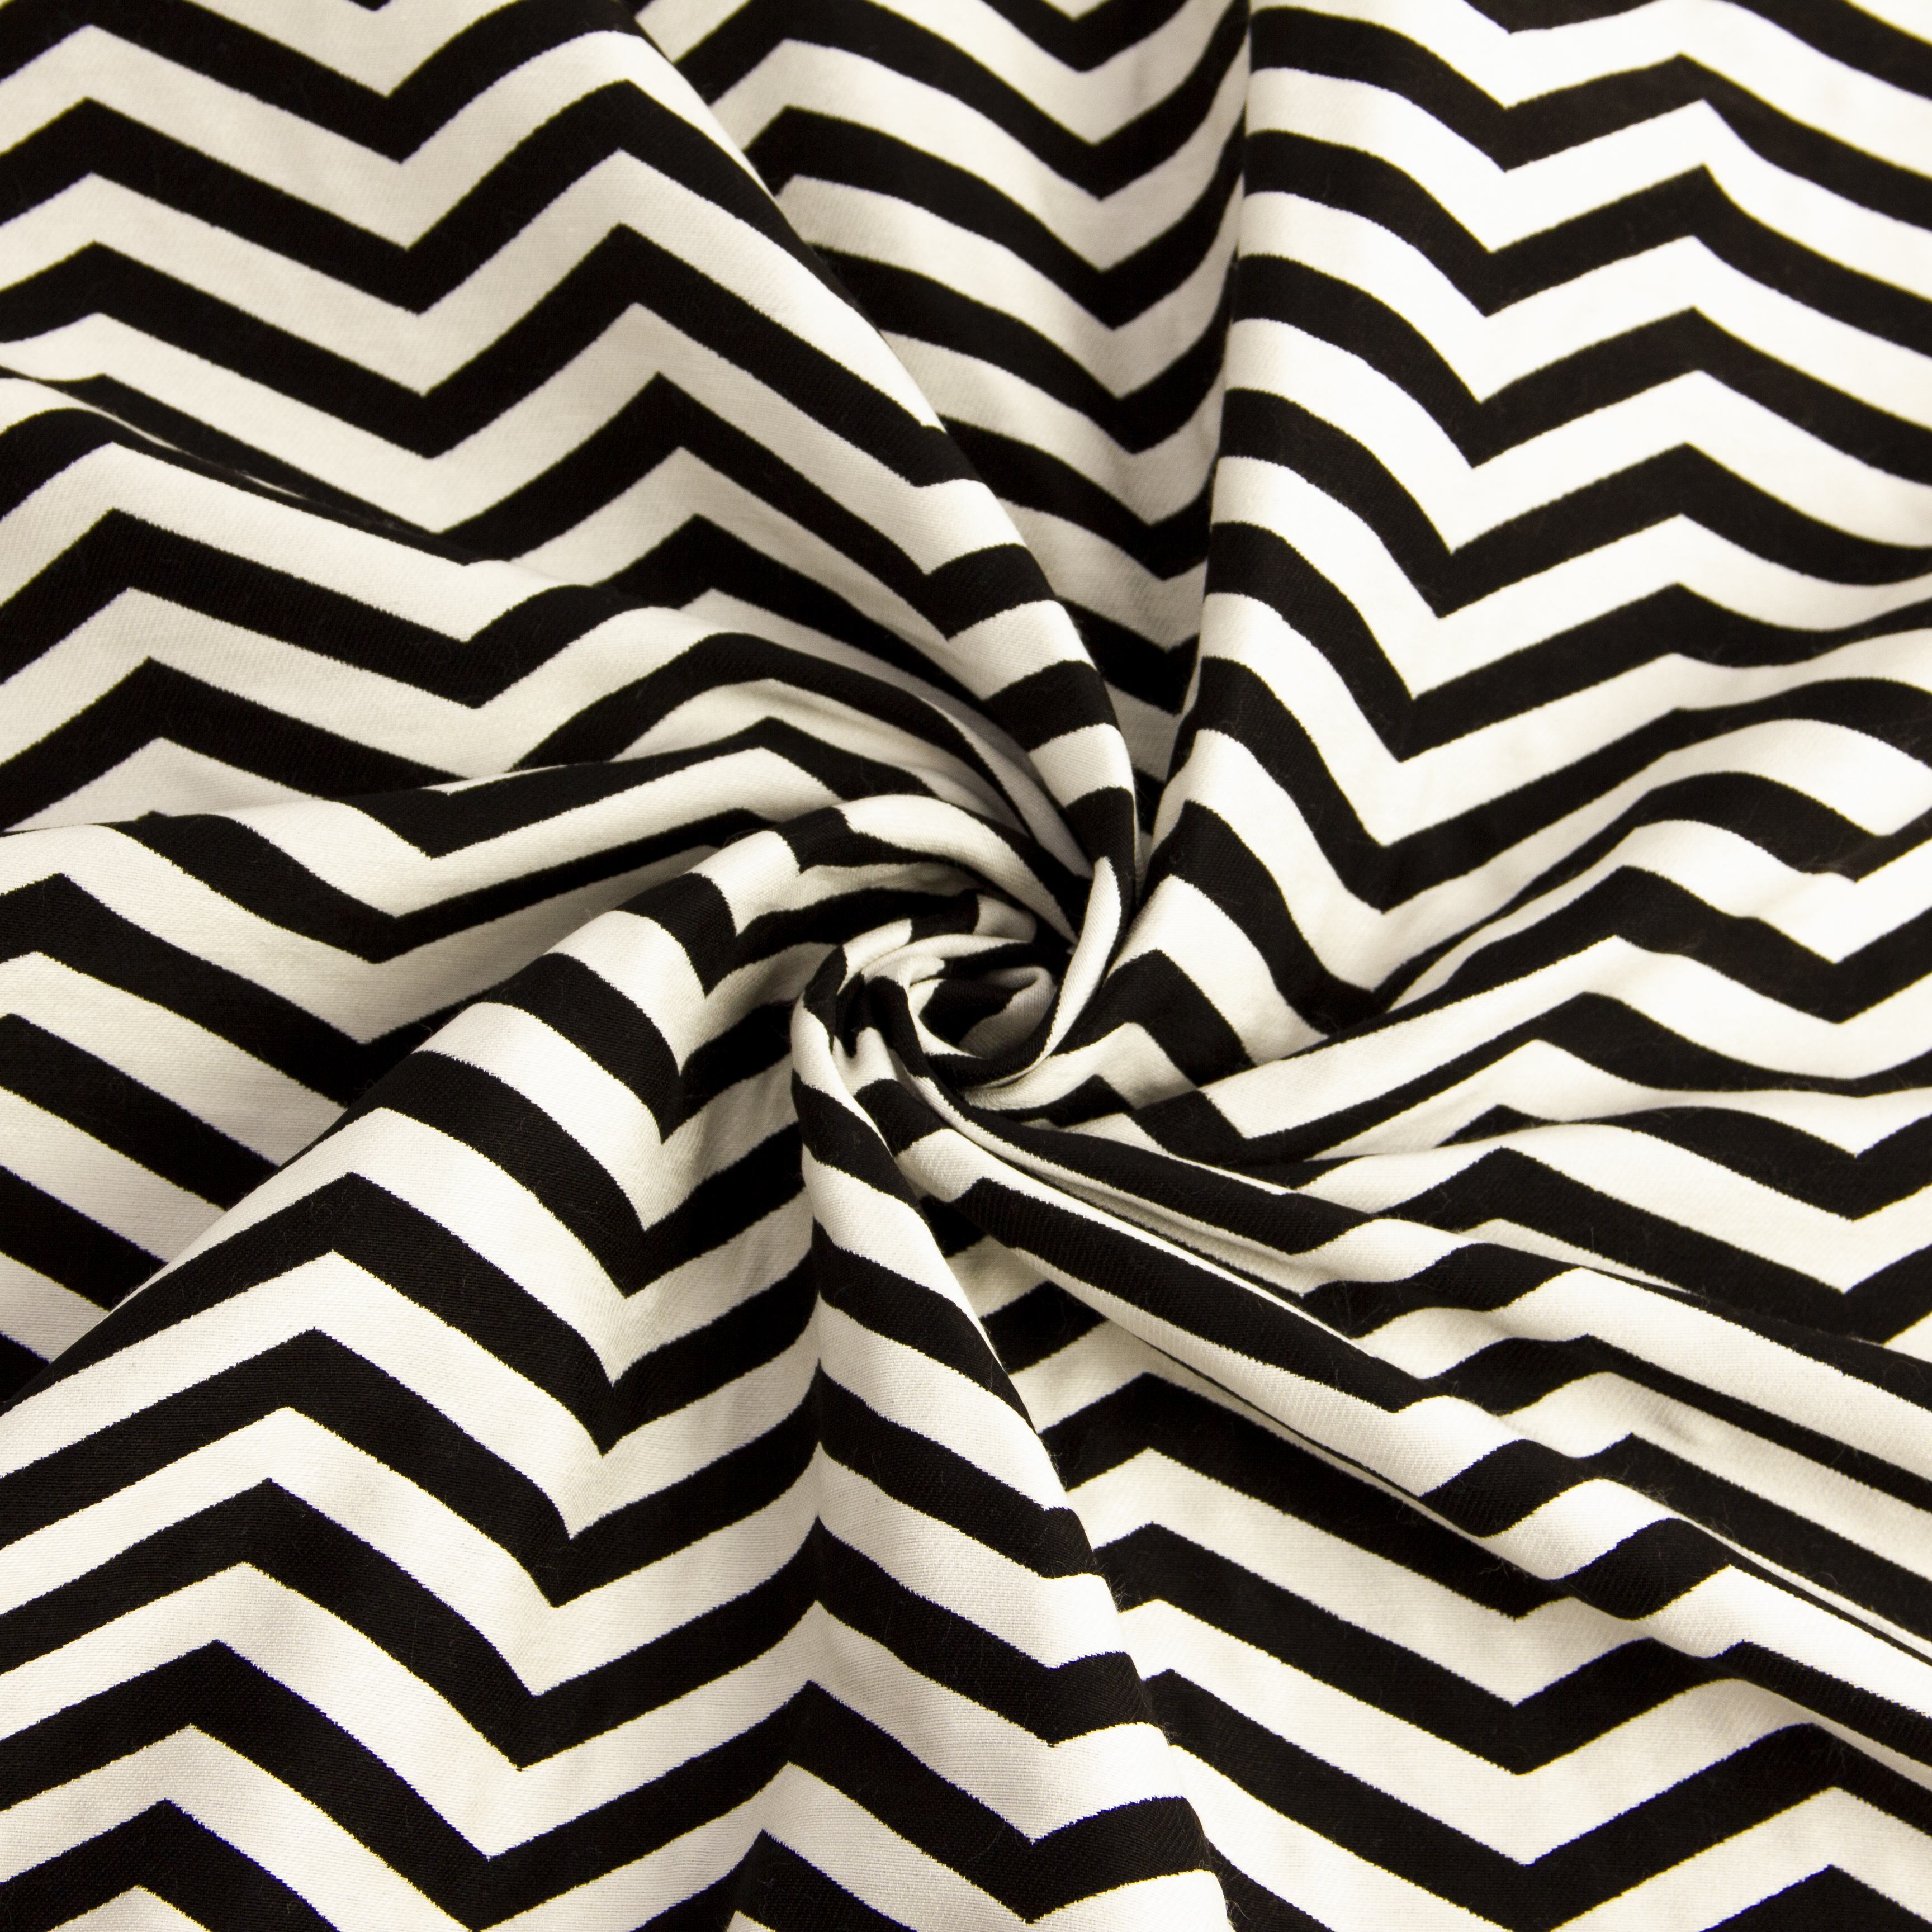 پارچه ژاکارد خطی پالمیرا سفید سیاه